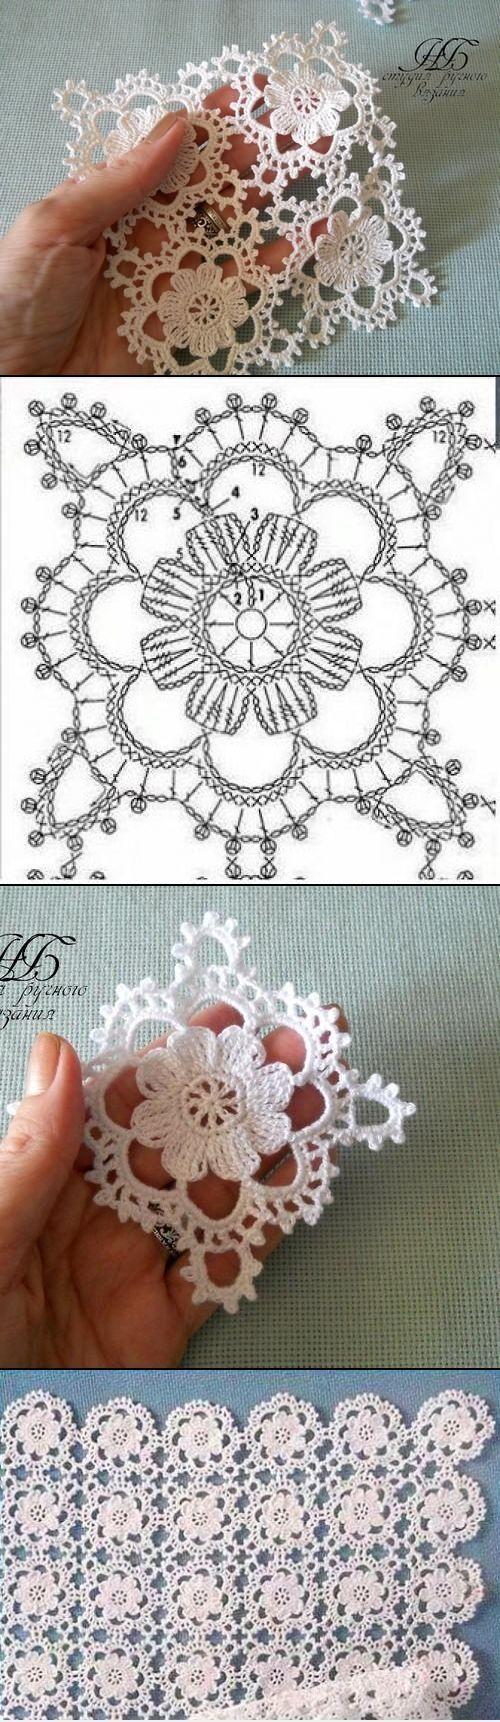 Sencillo Motivo a Crochet con Flor ⋆ Manualidades Y DIYManualidades Y DIY